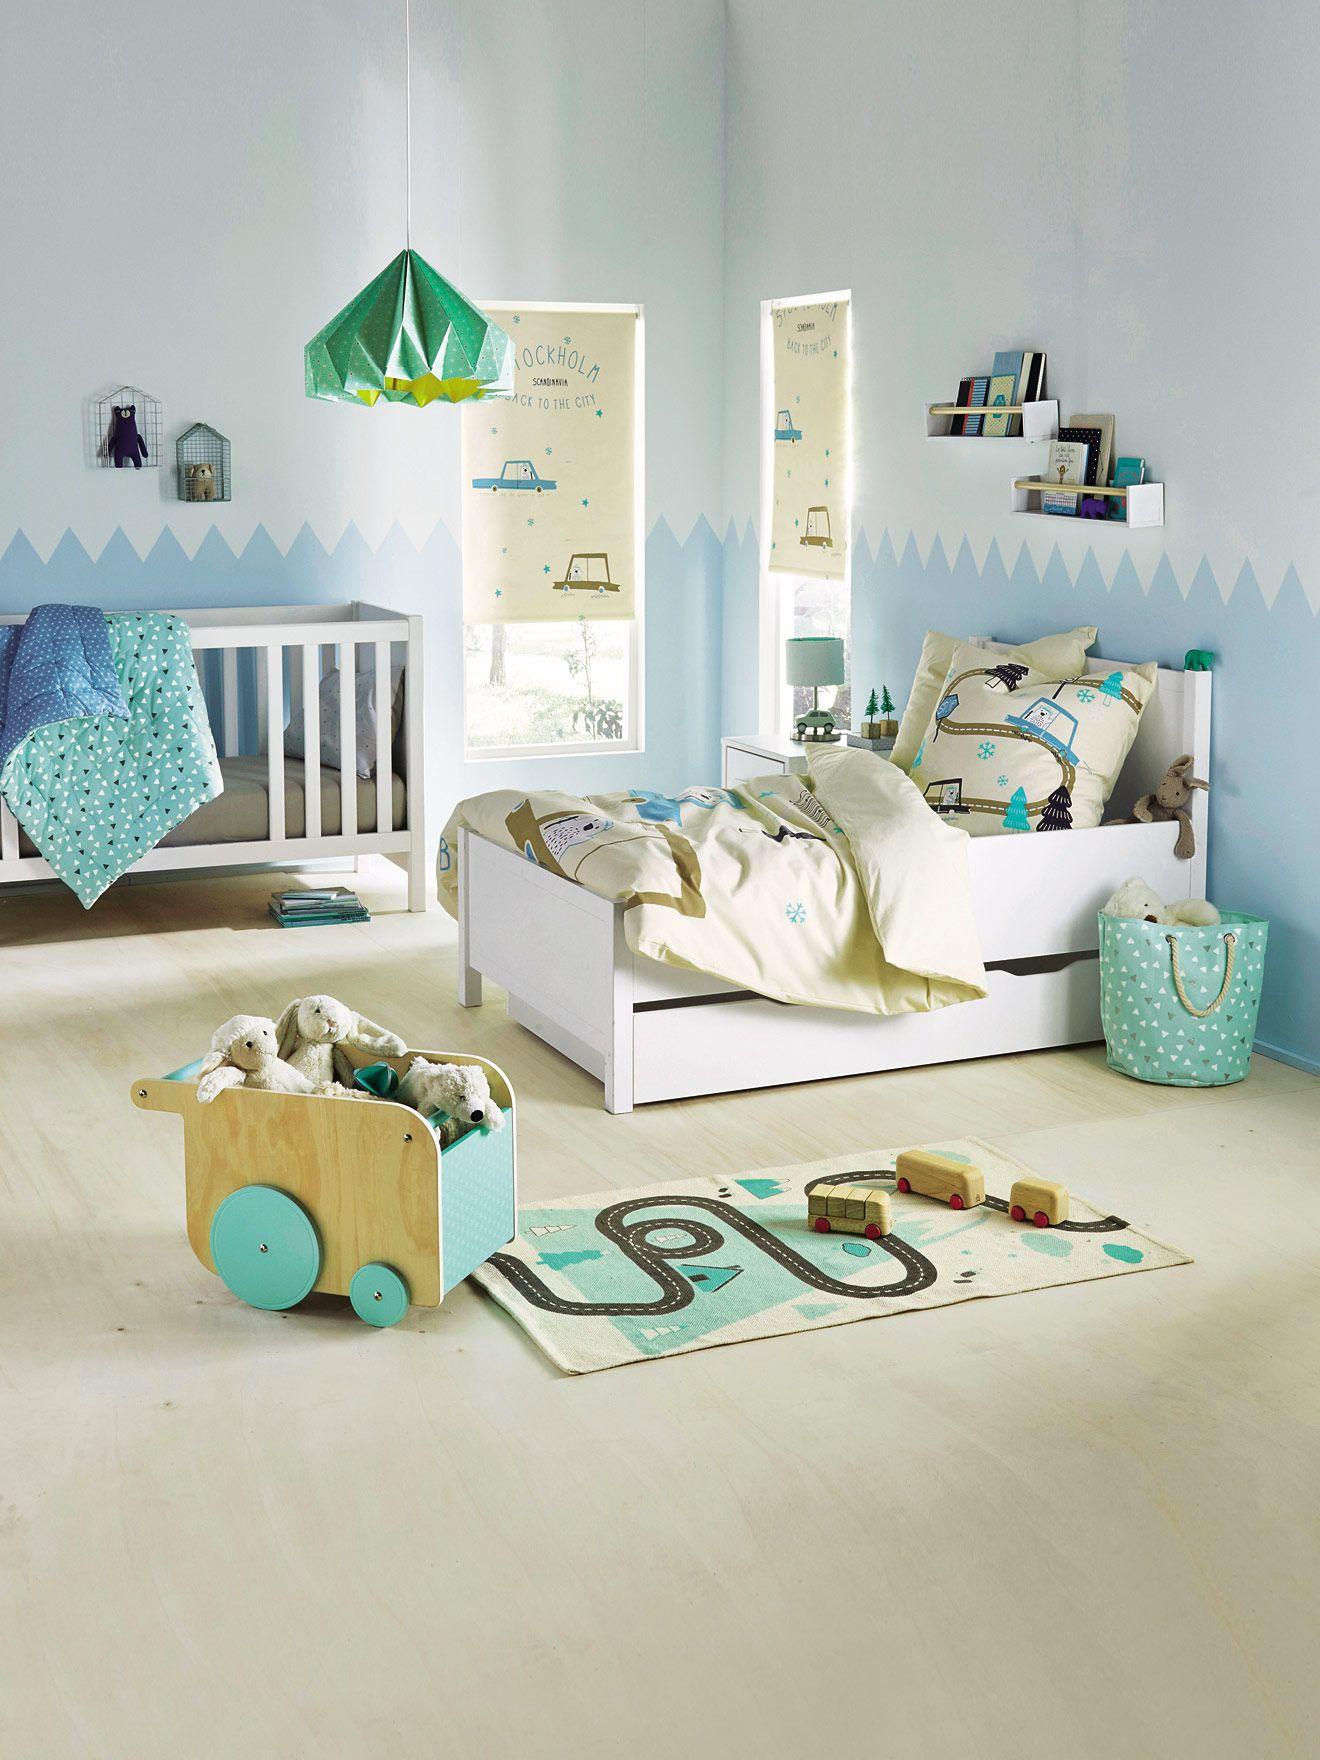 tapis ourson polaire chambre et linge de lit vertbaudet chambre b b enfant chambre. Black Bedroom Furniture Sets. Home Design Ideas